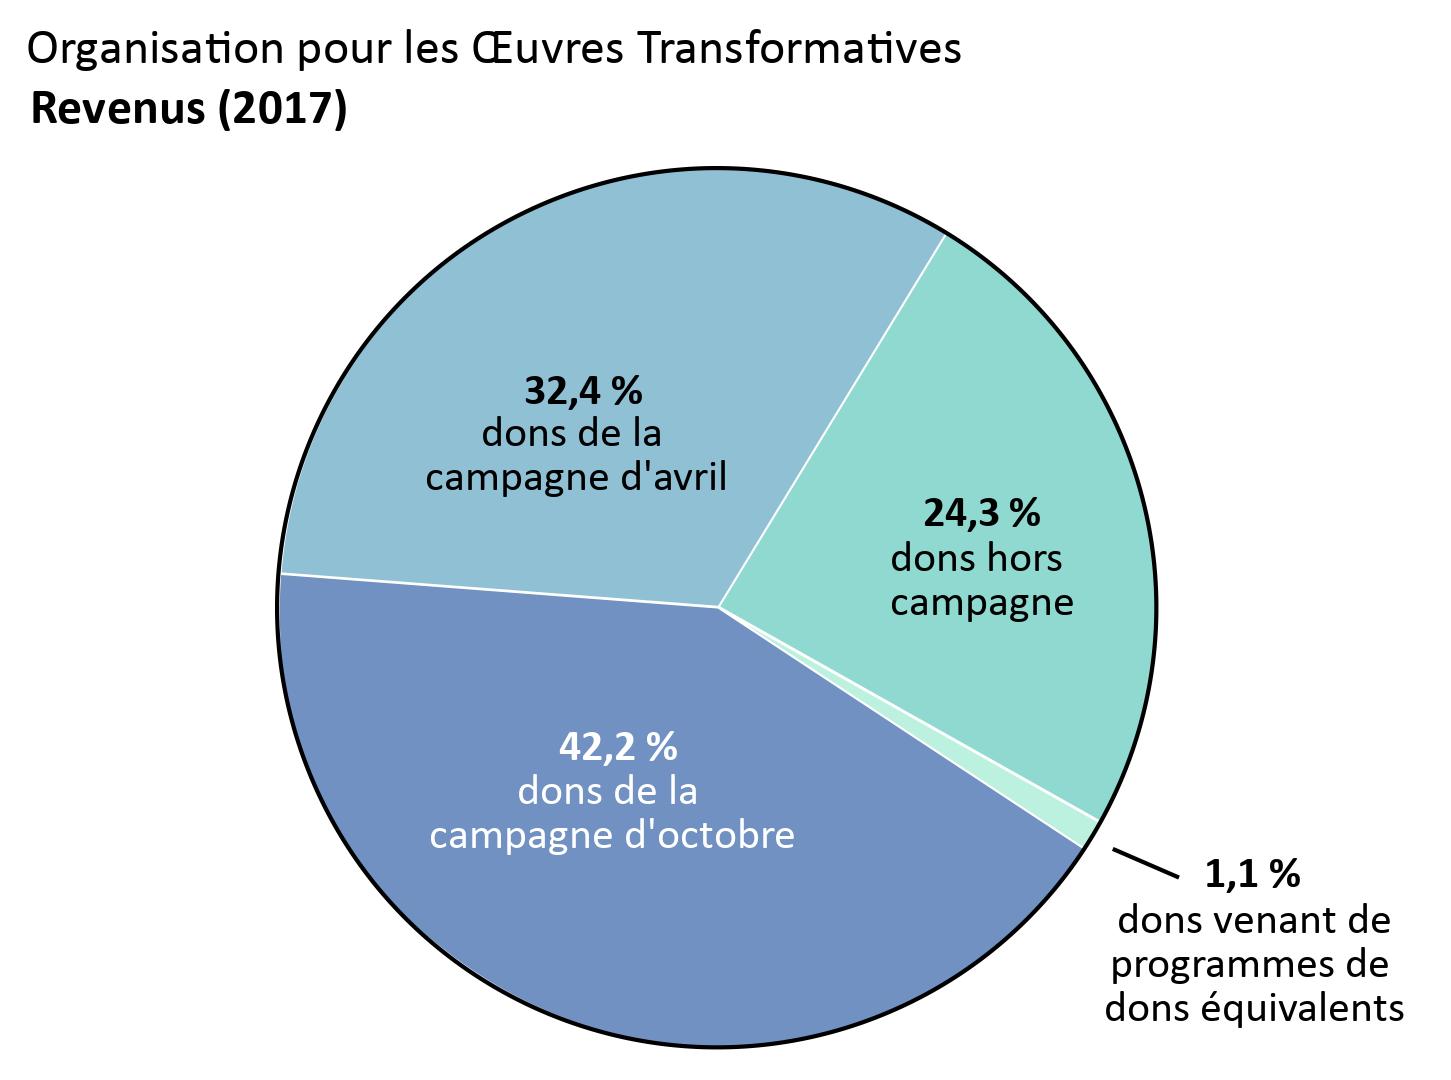 Revenus de l'OTW : dons de la campagne d'avril : 32,4 %, dons de la campagne d'octobre : 42,2 %. Dons hors campagne : 24,3 %. Dons venant de programmes de dons équivalents : 1,1 %.